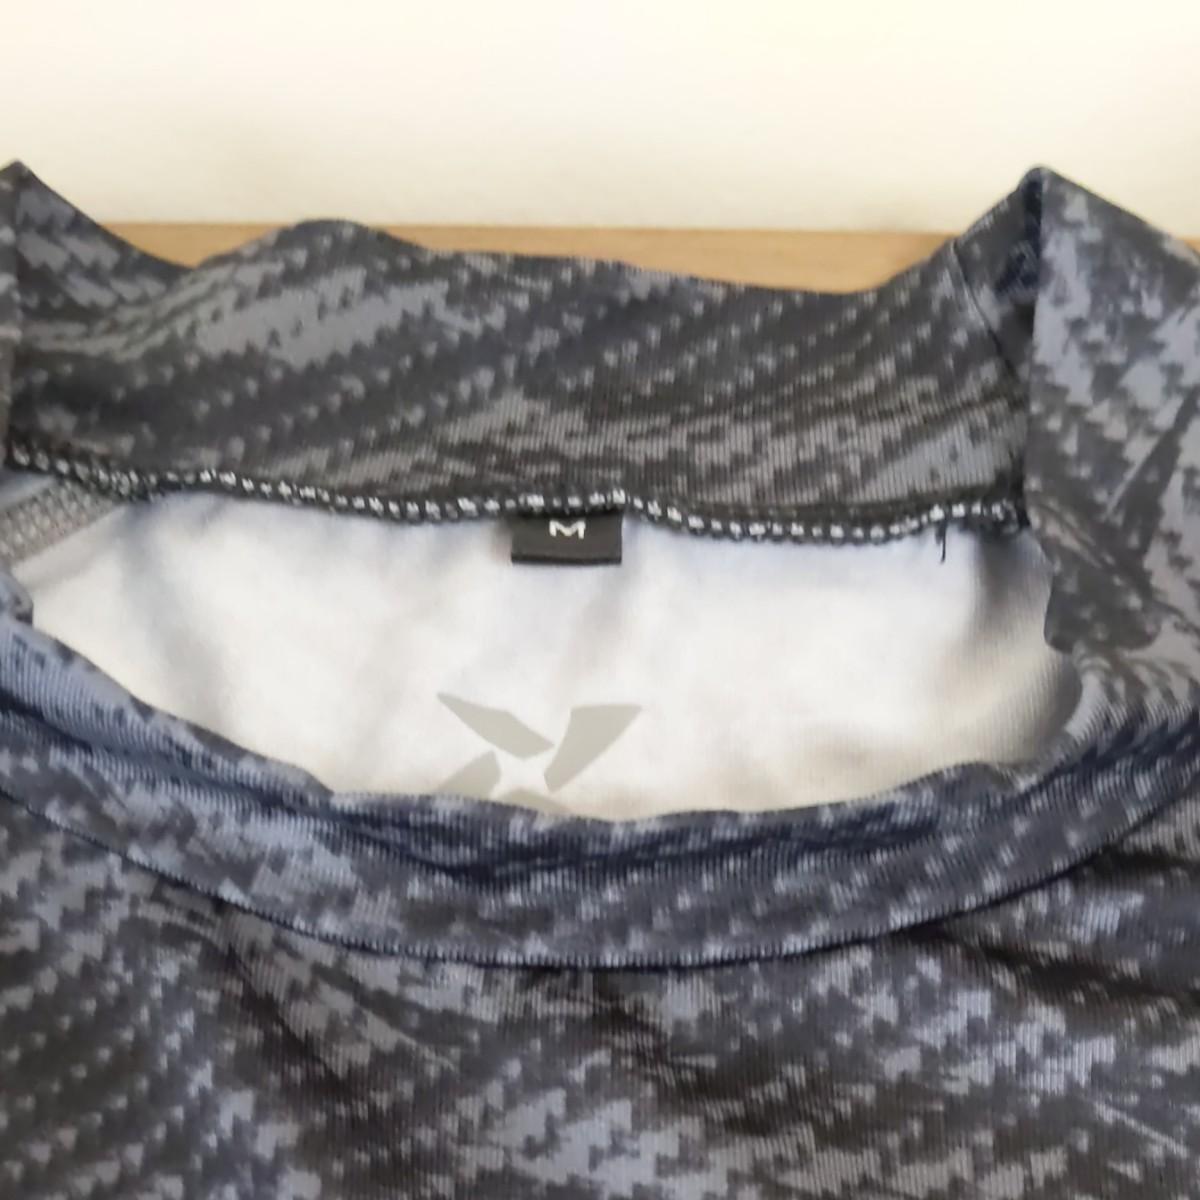 アンダーシャツ ブラック系 Mサイズ 美品 長袖